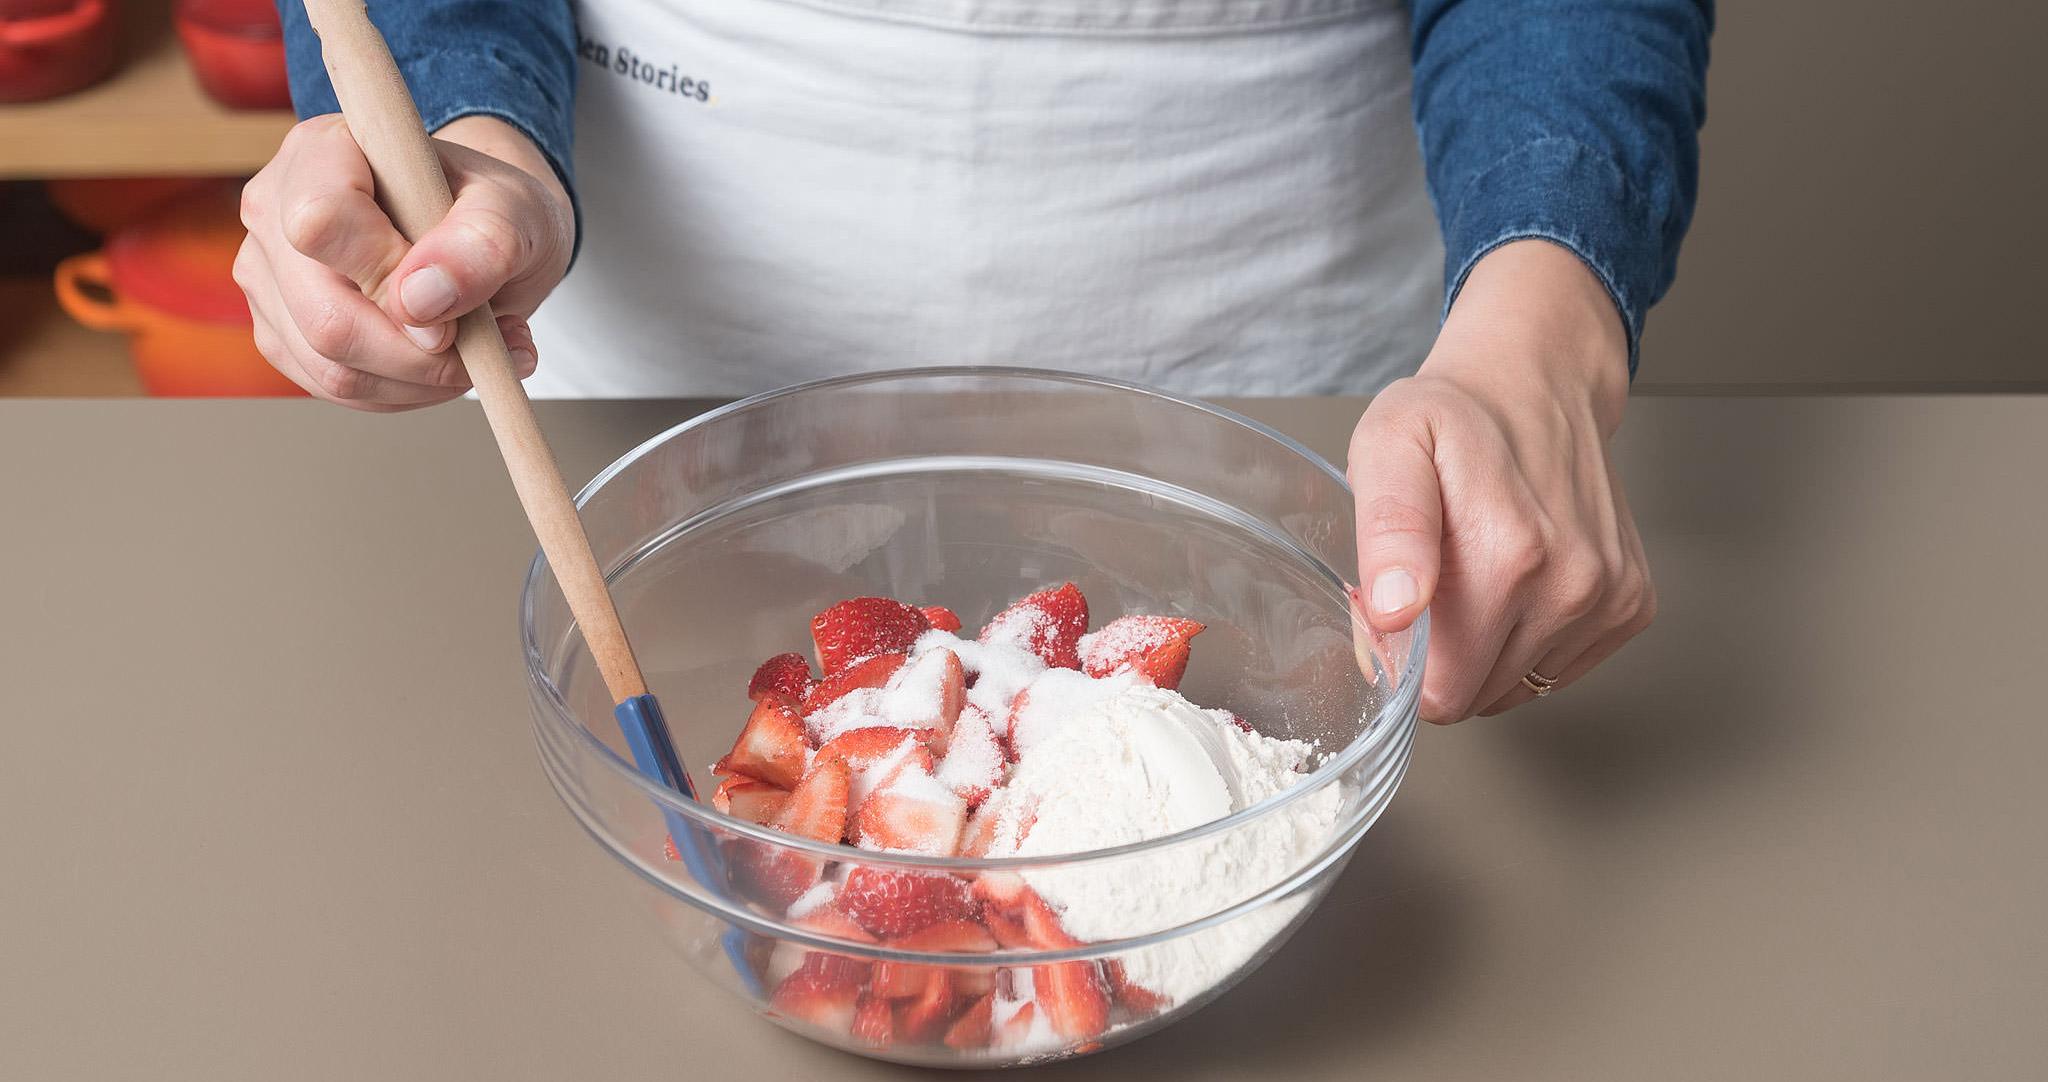 Erdbeer-Streuselkuchen Schüssel Edrbeeren